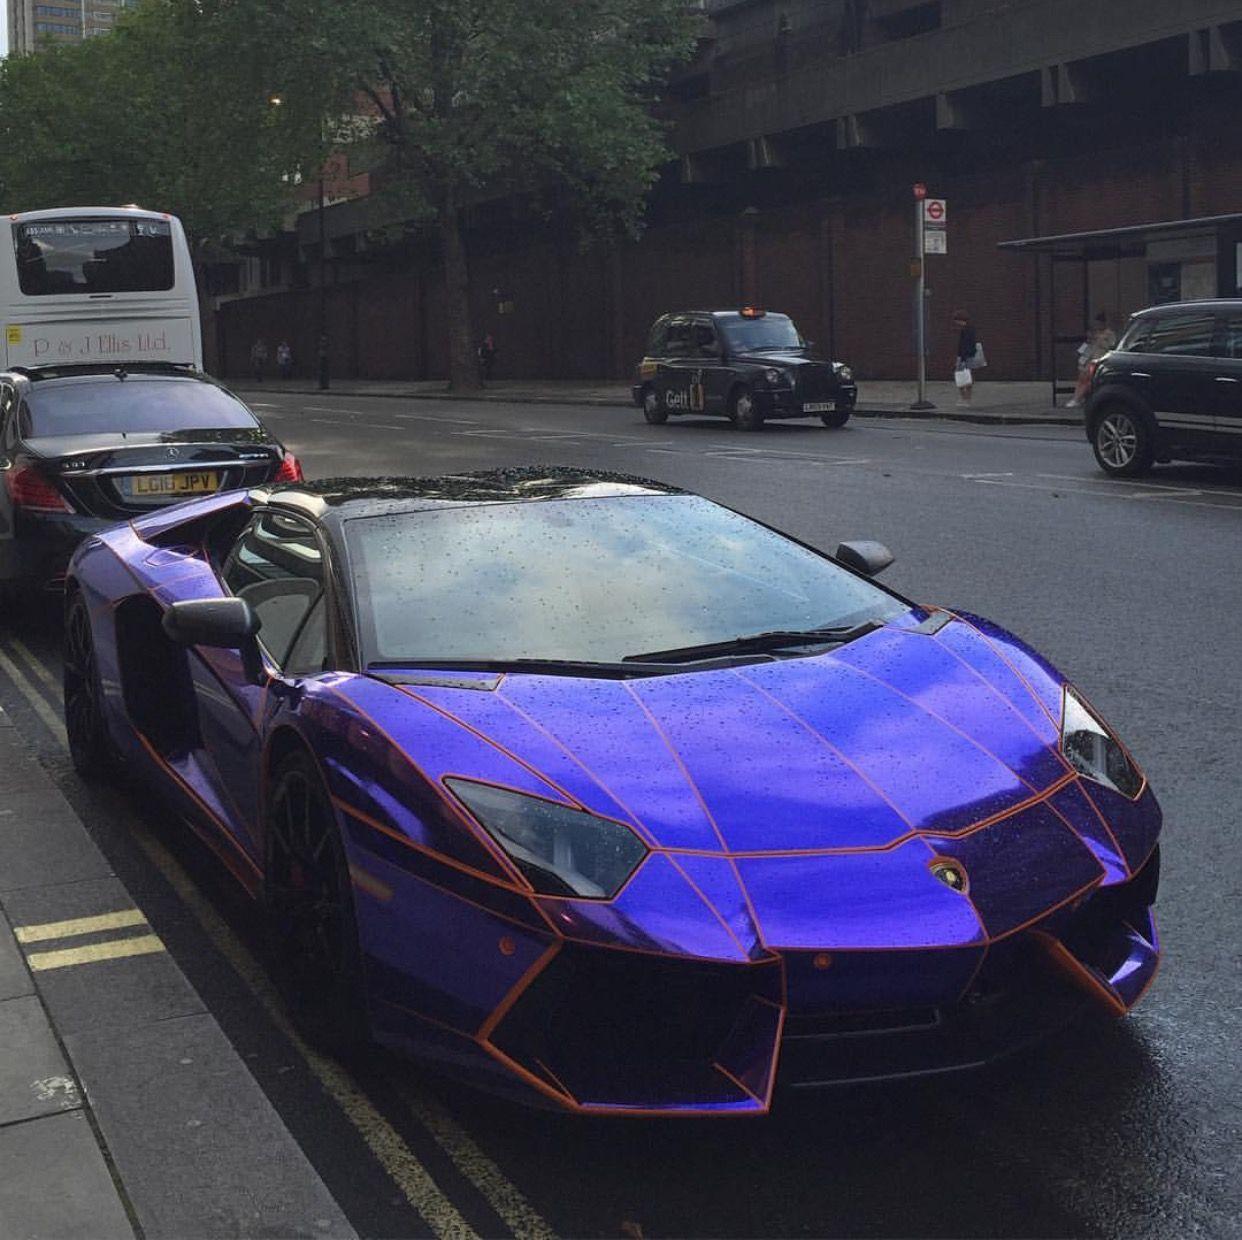 Lamborghini Aventador Roadster wrapped in Purple Chrome and Orange on lamborghini huracan, lamborghini gallardo roadster, lamborghini miura, lamborghini sesto elemento, lamborghini countach, lamborghini estoque, nissan 370z roadster, mercedes slr mclaren roadster, lamborghini replica, mercedes sls amg roadster, lamborghini diablo, lamborghini reventon, murcielago roadster, lamborghini murcielago, lexus lfa roadster, lamborghini veneno, pagani zonda roadster, zonda f roadster, lamborghini egoista, bugatti roadster,